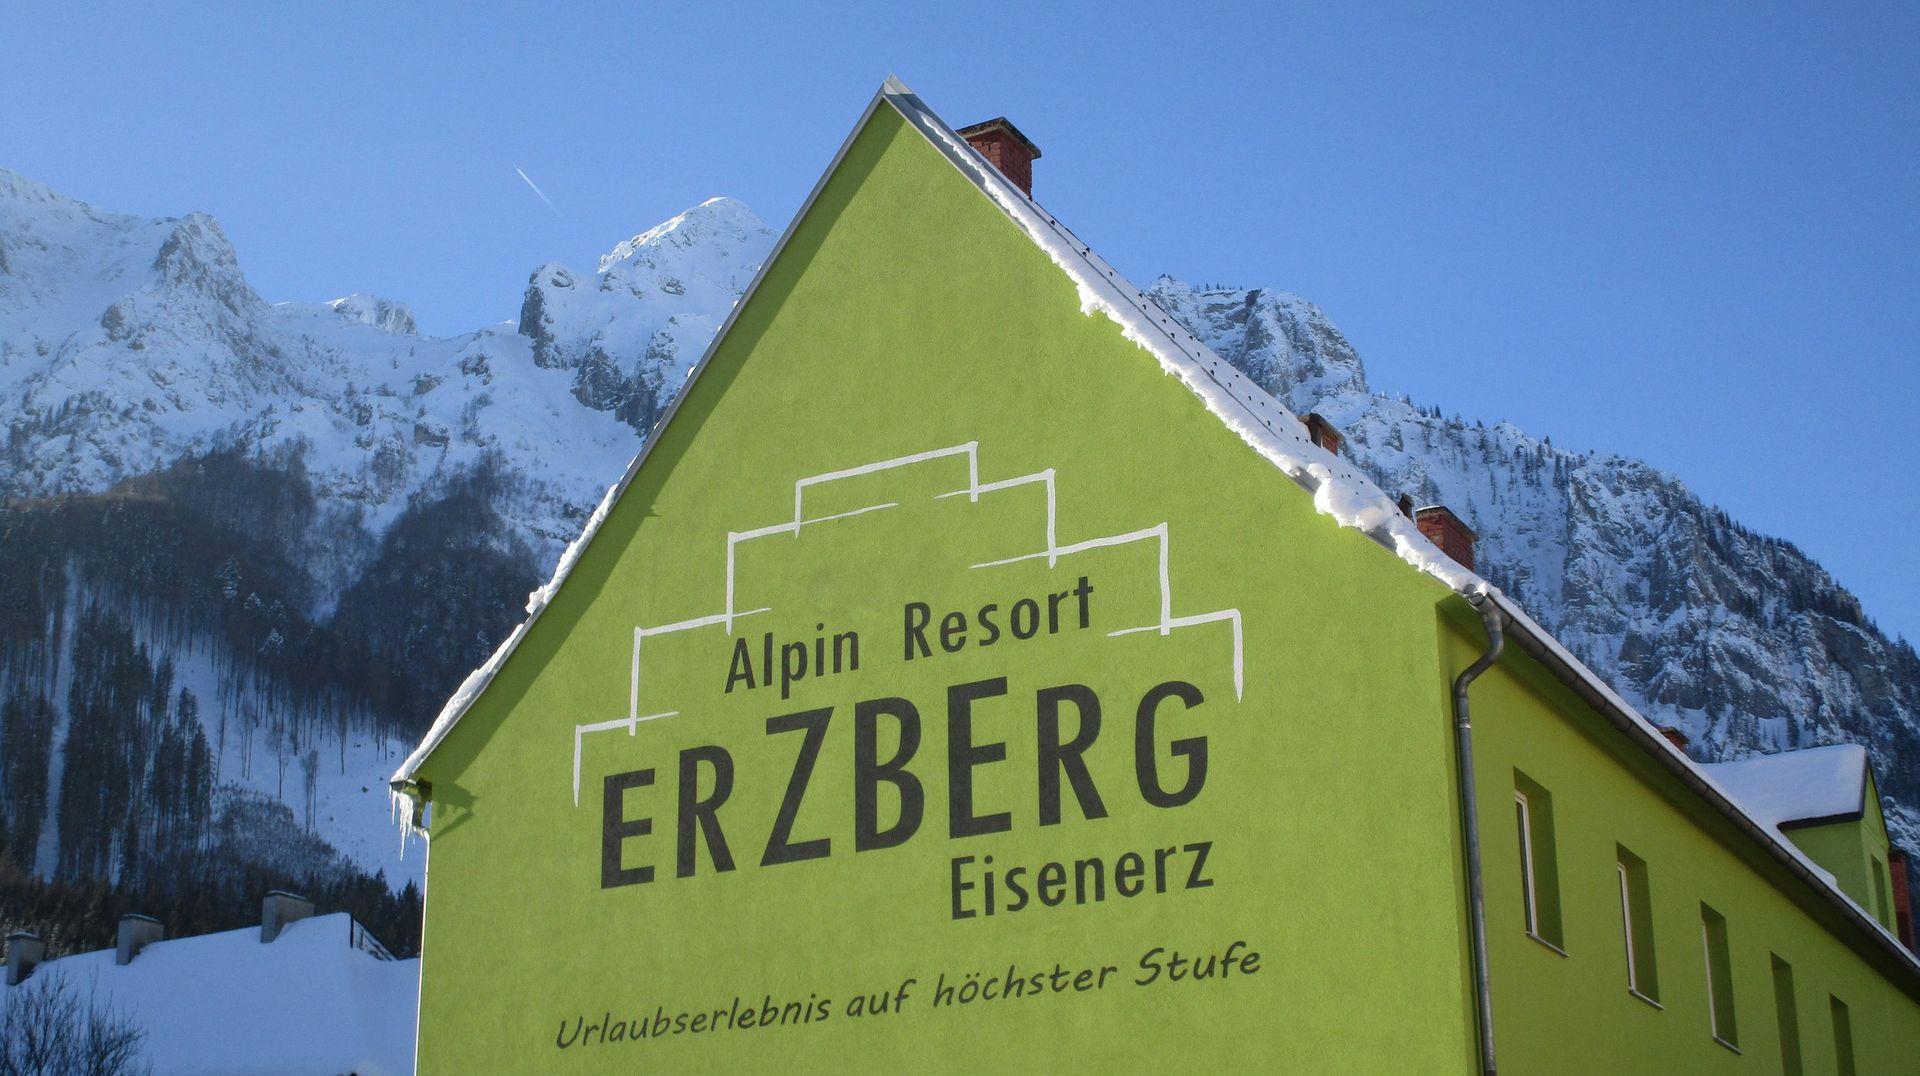 Meer info over Alpin Resort Erzberg  bij Wintertrex